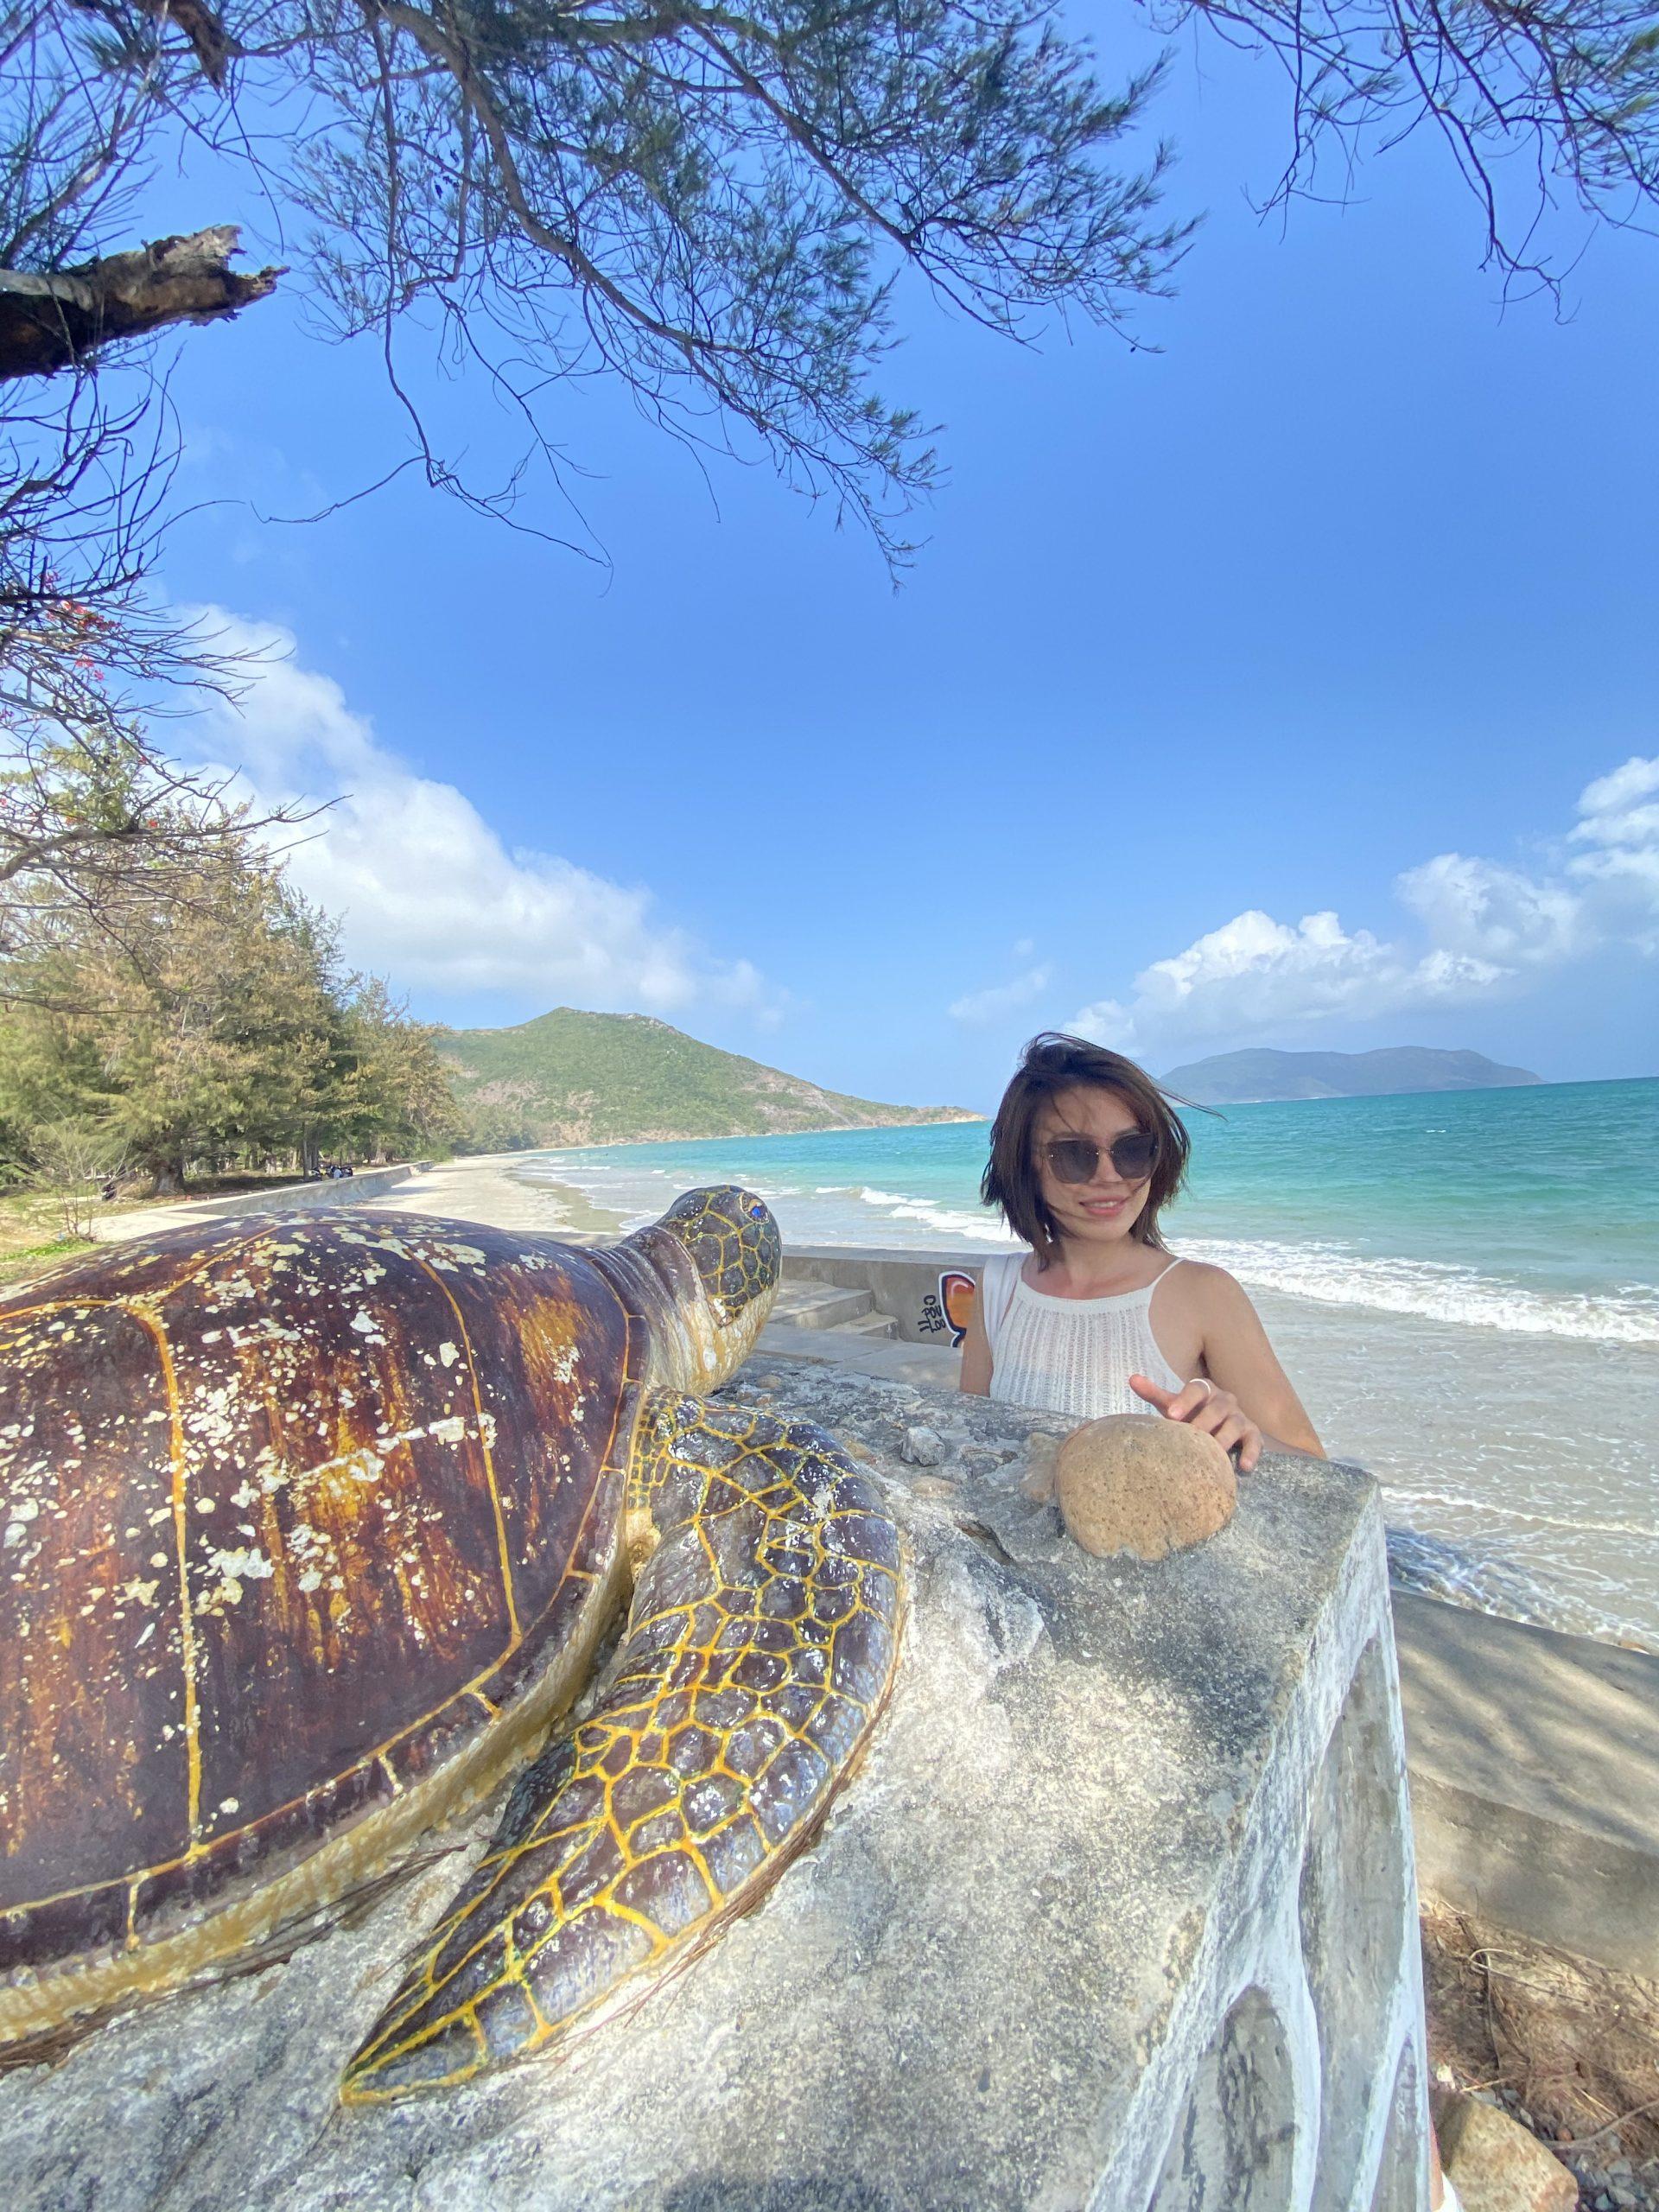 Khu bảo tồn Rùa Biển Côn Đảo Vũng Tàu